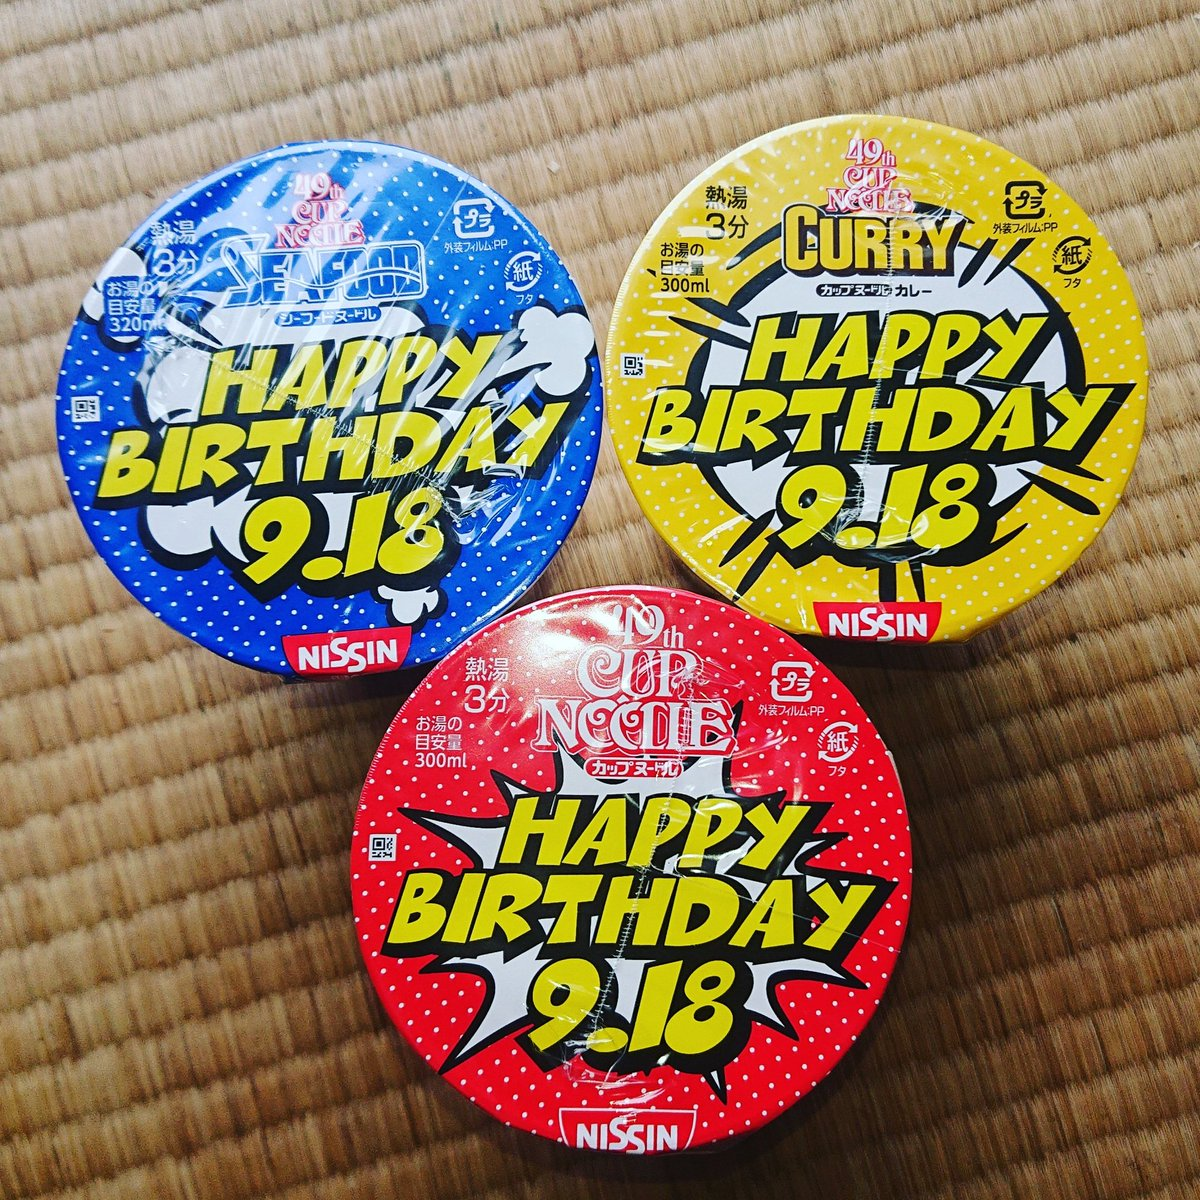 test ツイッターメディア - @yukismile09011 ありがとうございます😊✨ ちなみに  #カップヌードルの日 でもありますね。有名人だと中井貴一さんやうじきつよしさんの誕生日。ジミ・ヘンドリックスの命日。 https://t.co/Qr4FjDO5F6